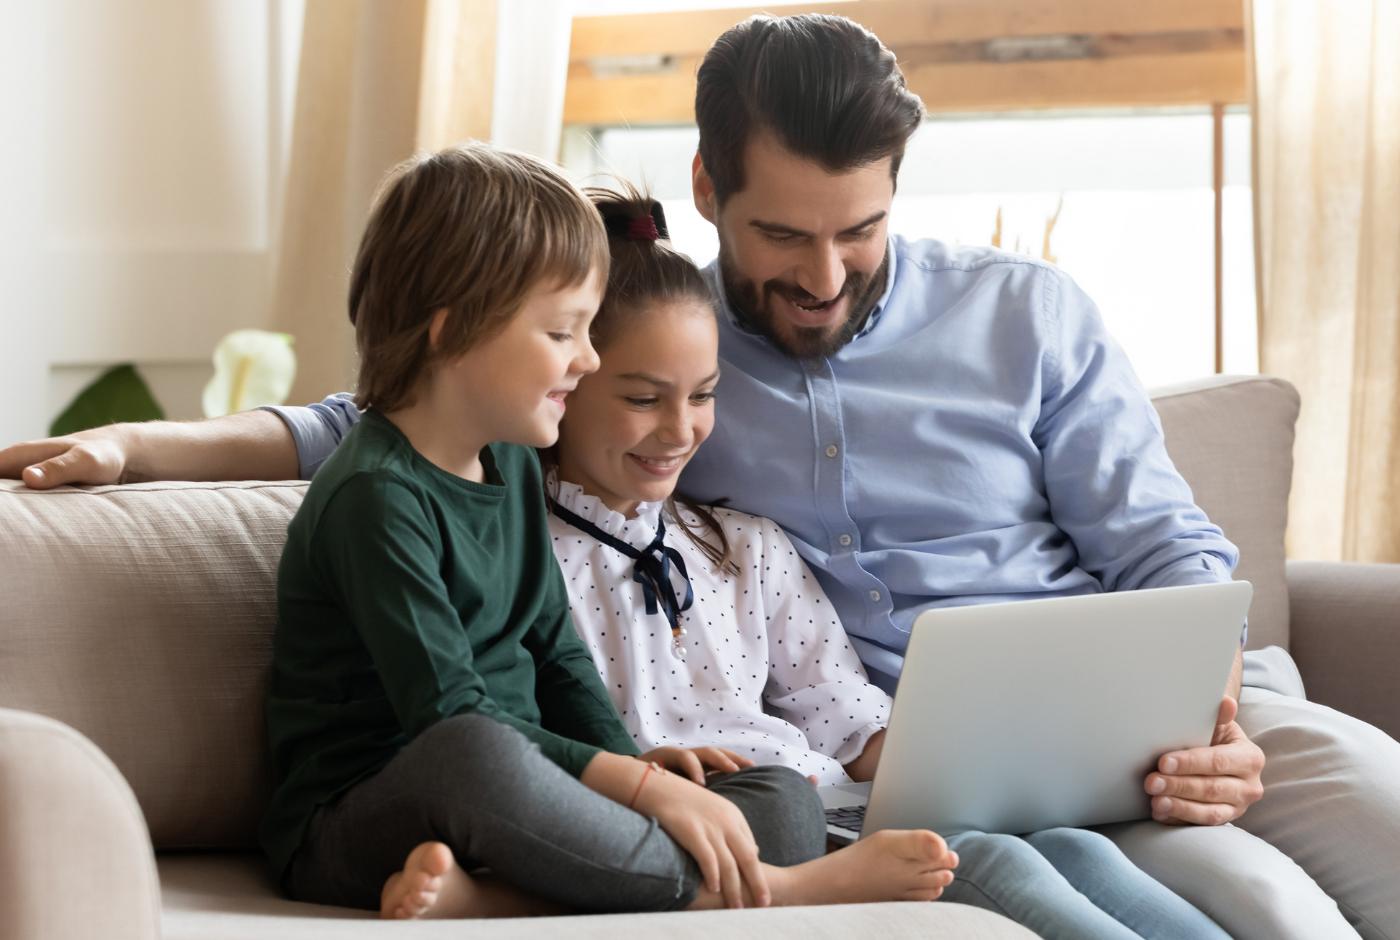 Evde İngilizce Eğitimini Destekleyecek Etkinlik Önerileri